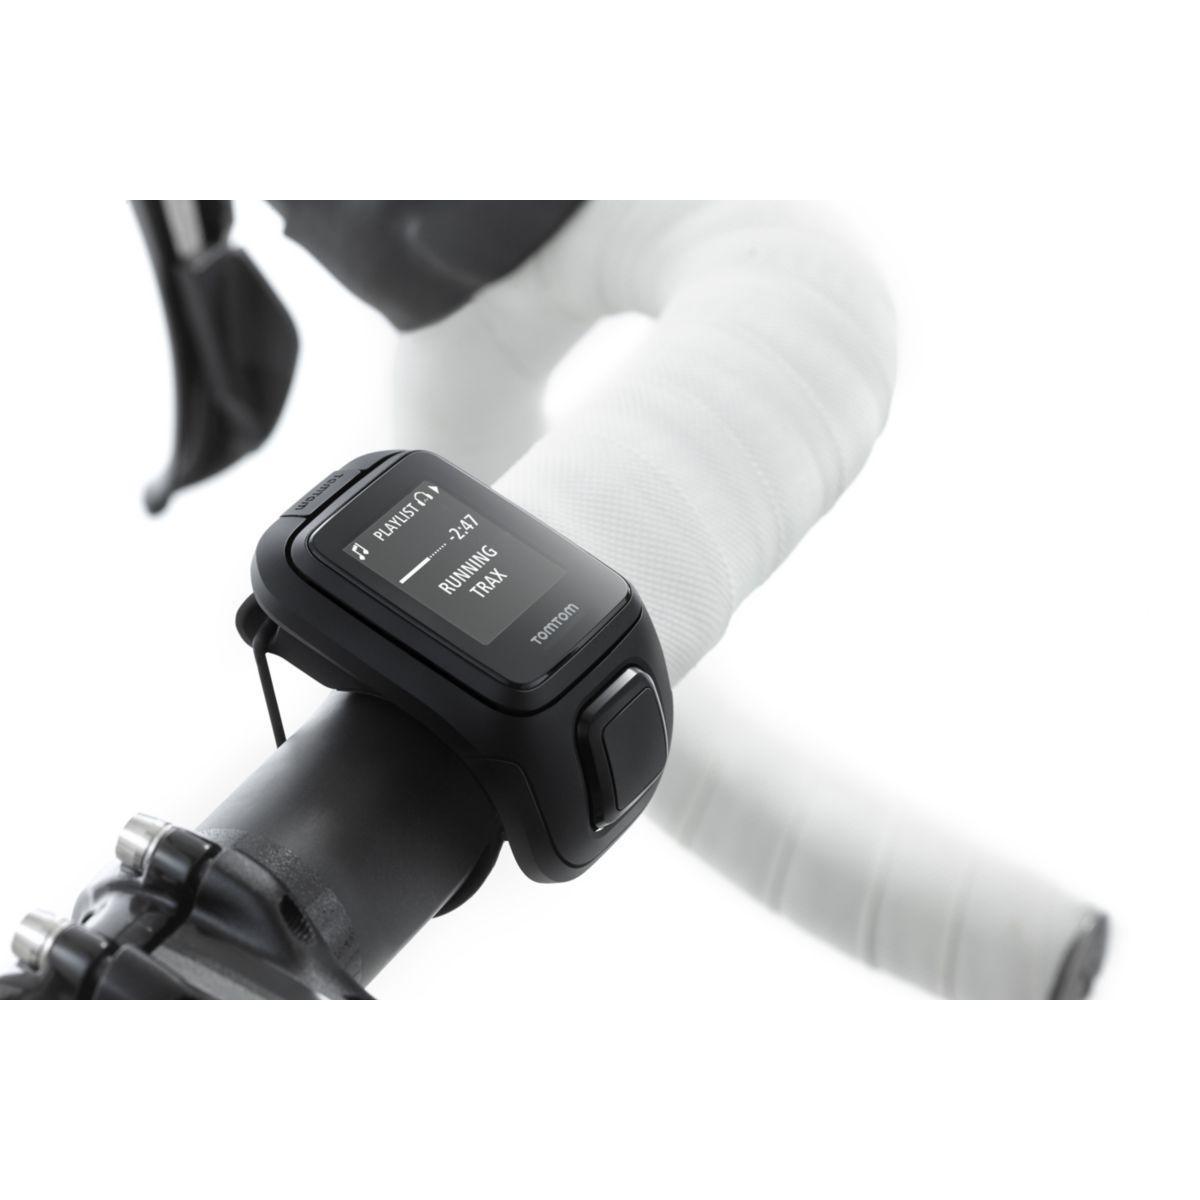 Fixation tomtom outdoor pour vélo - produit coup de coeur webdistrib.com !